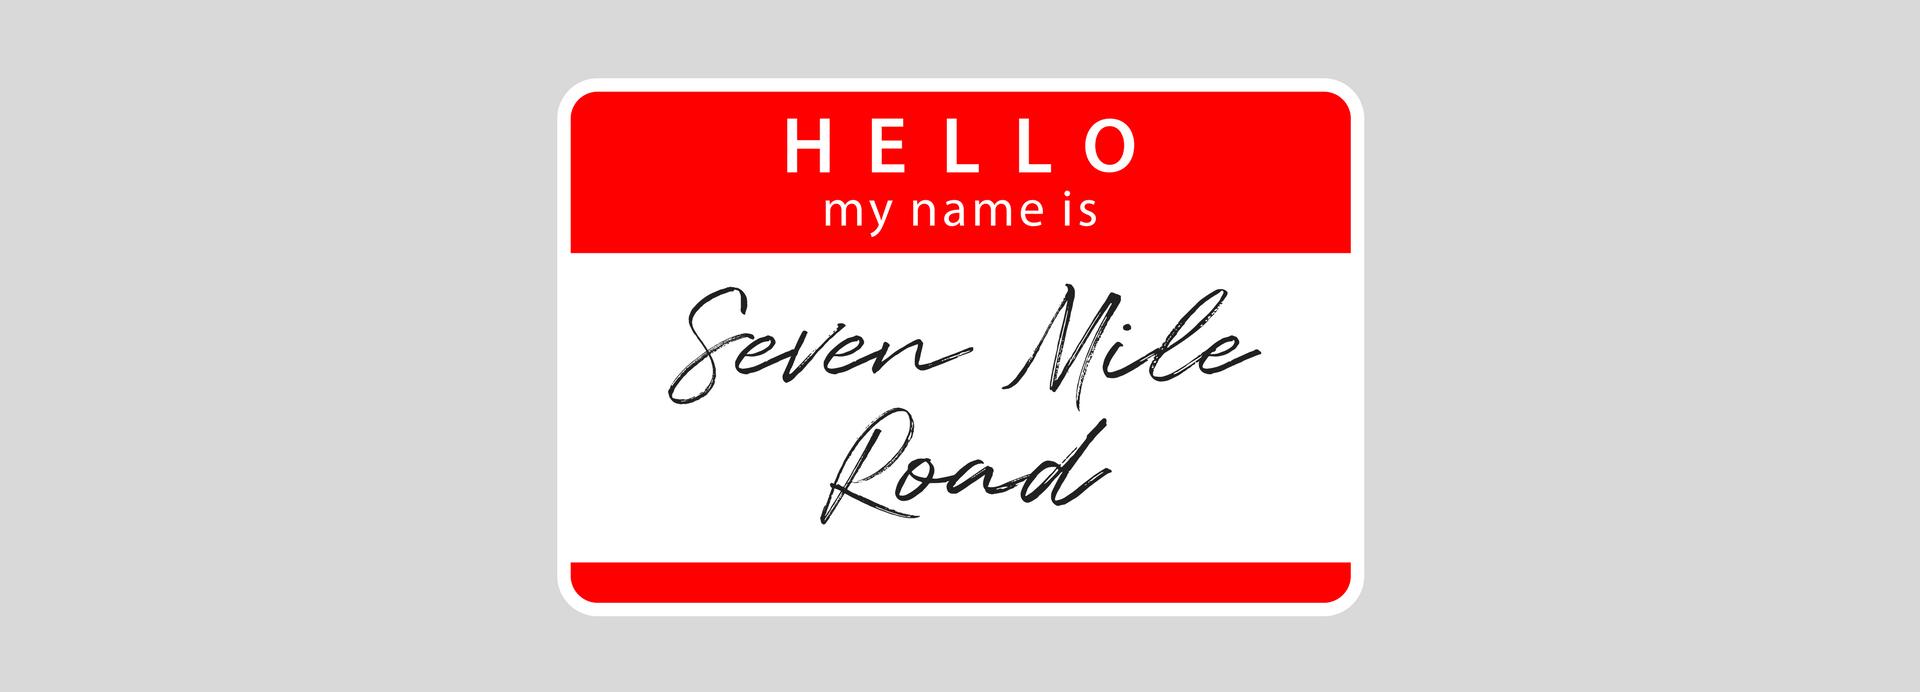 Copy of Seven MileRoad.png